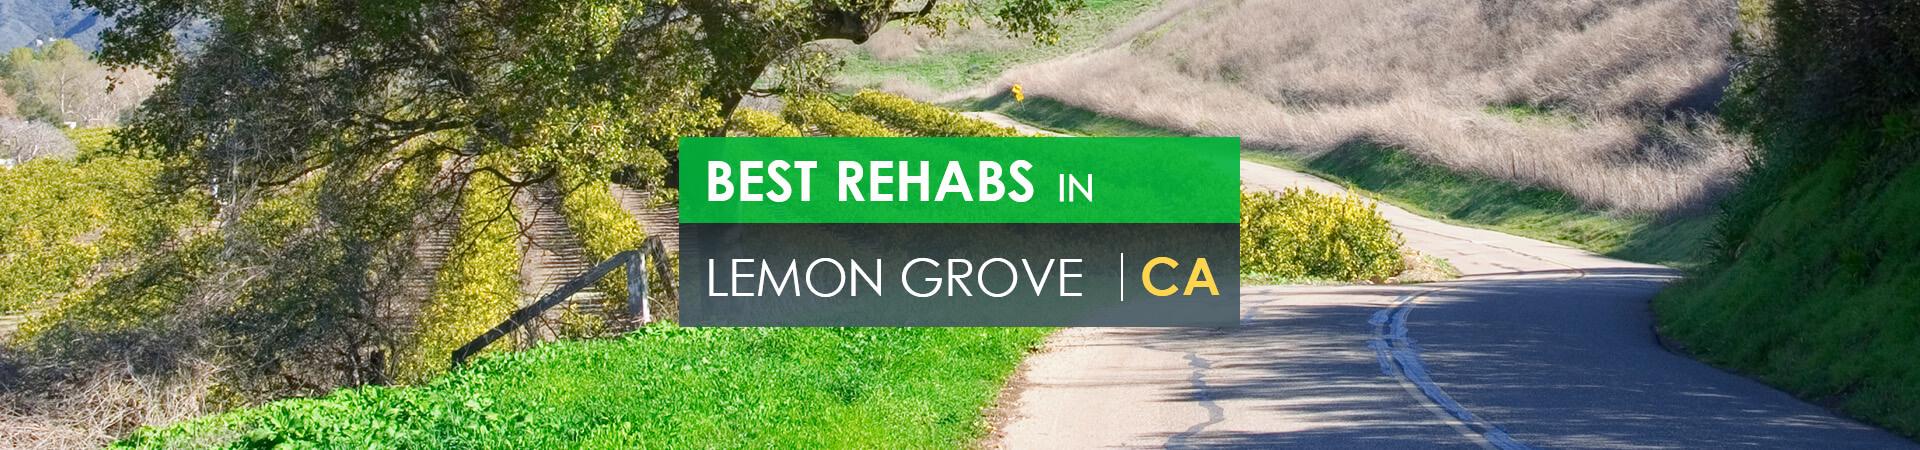 Best rehabs in Lemon Grove, CA